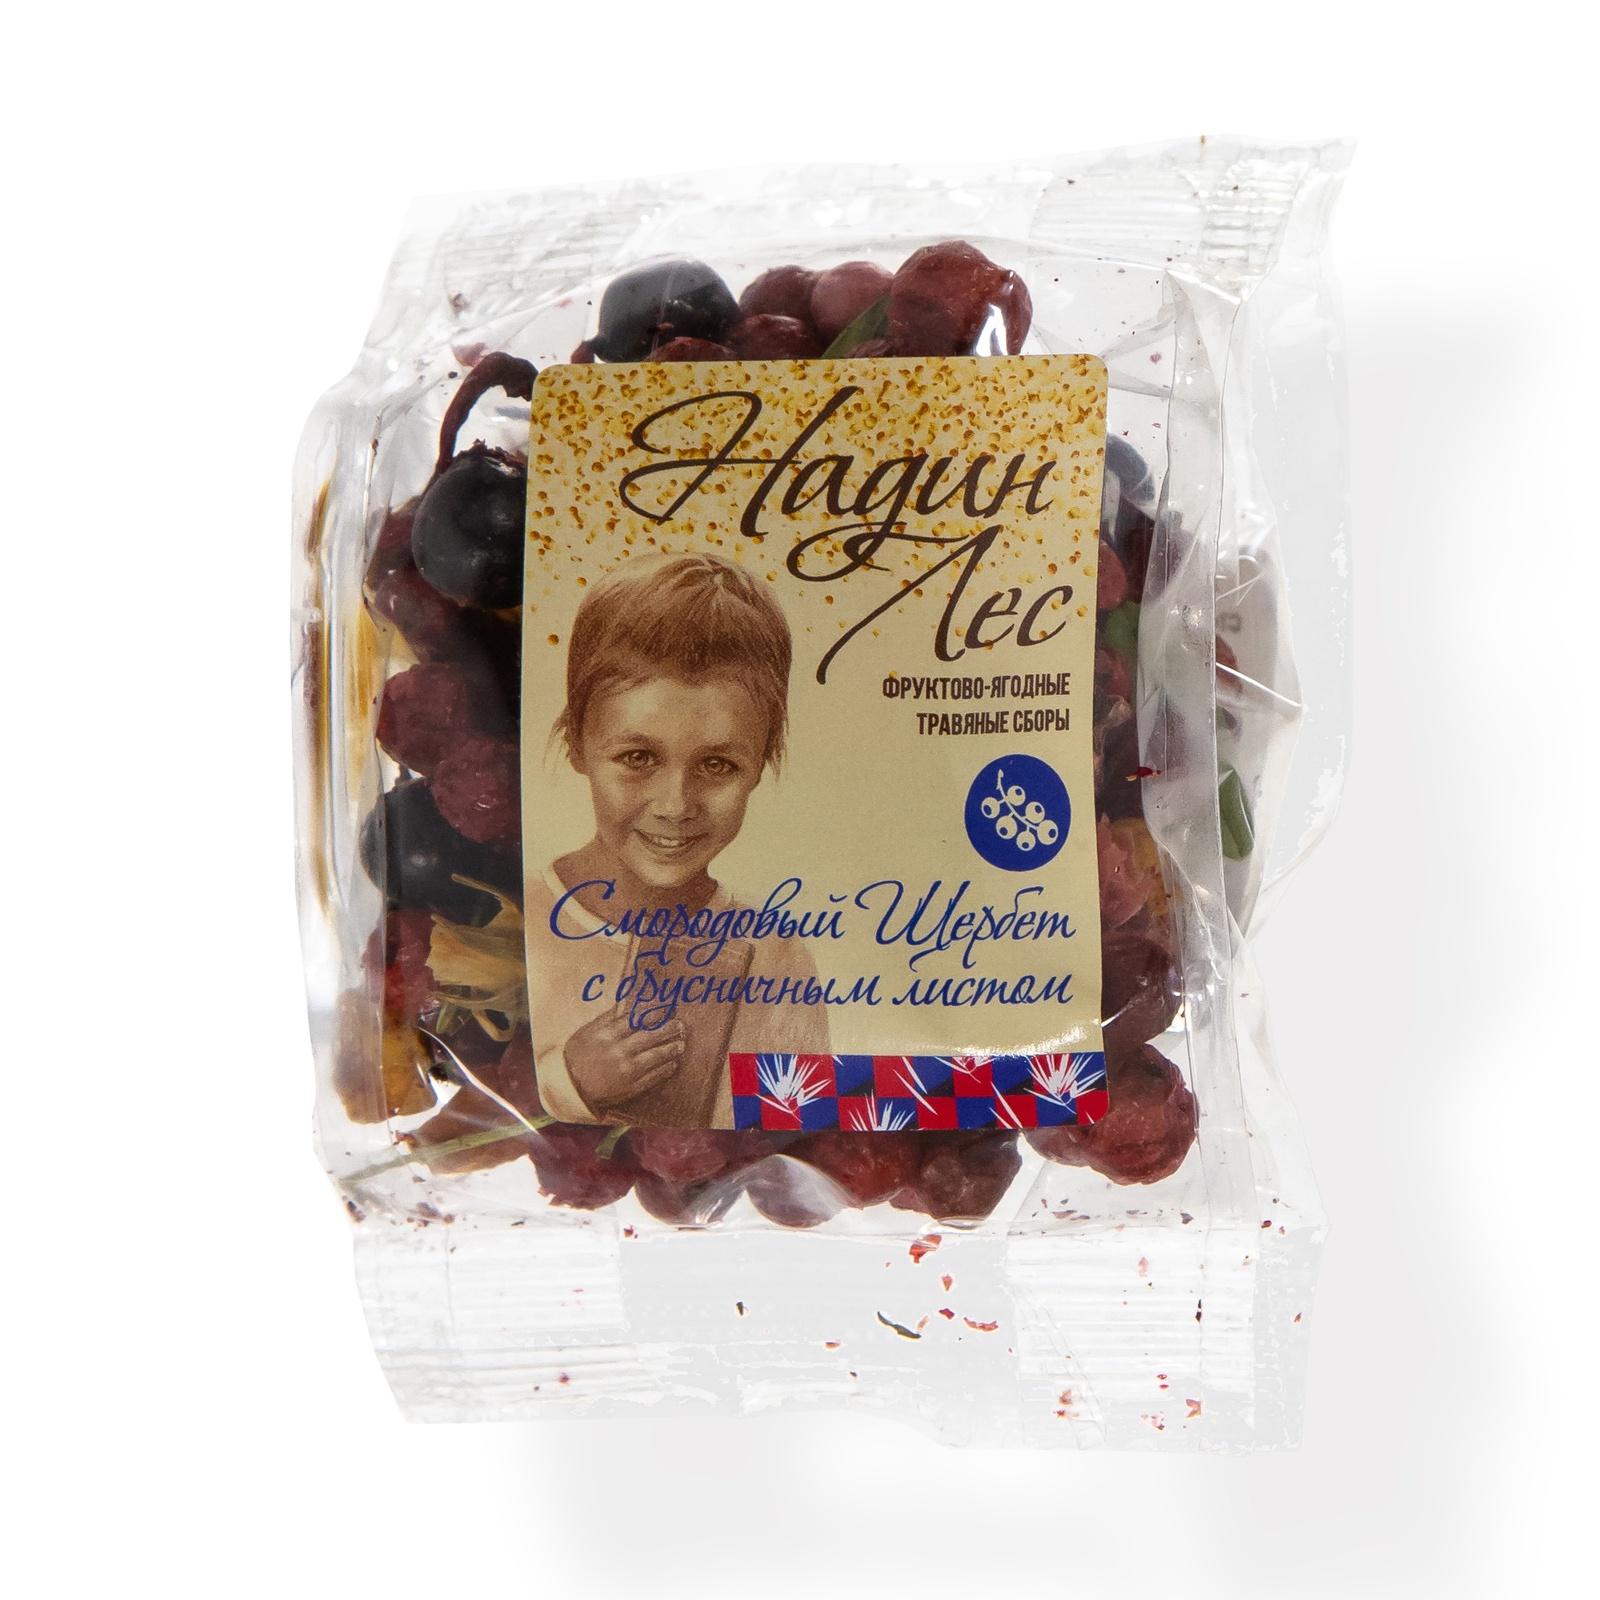 Чай в пакетиках Надин Лес Смородиновый Щербет с брусничным листом, 20 цена